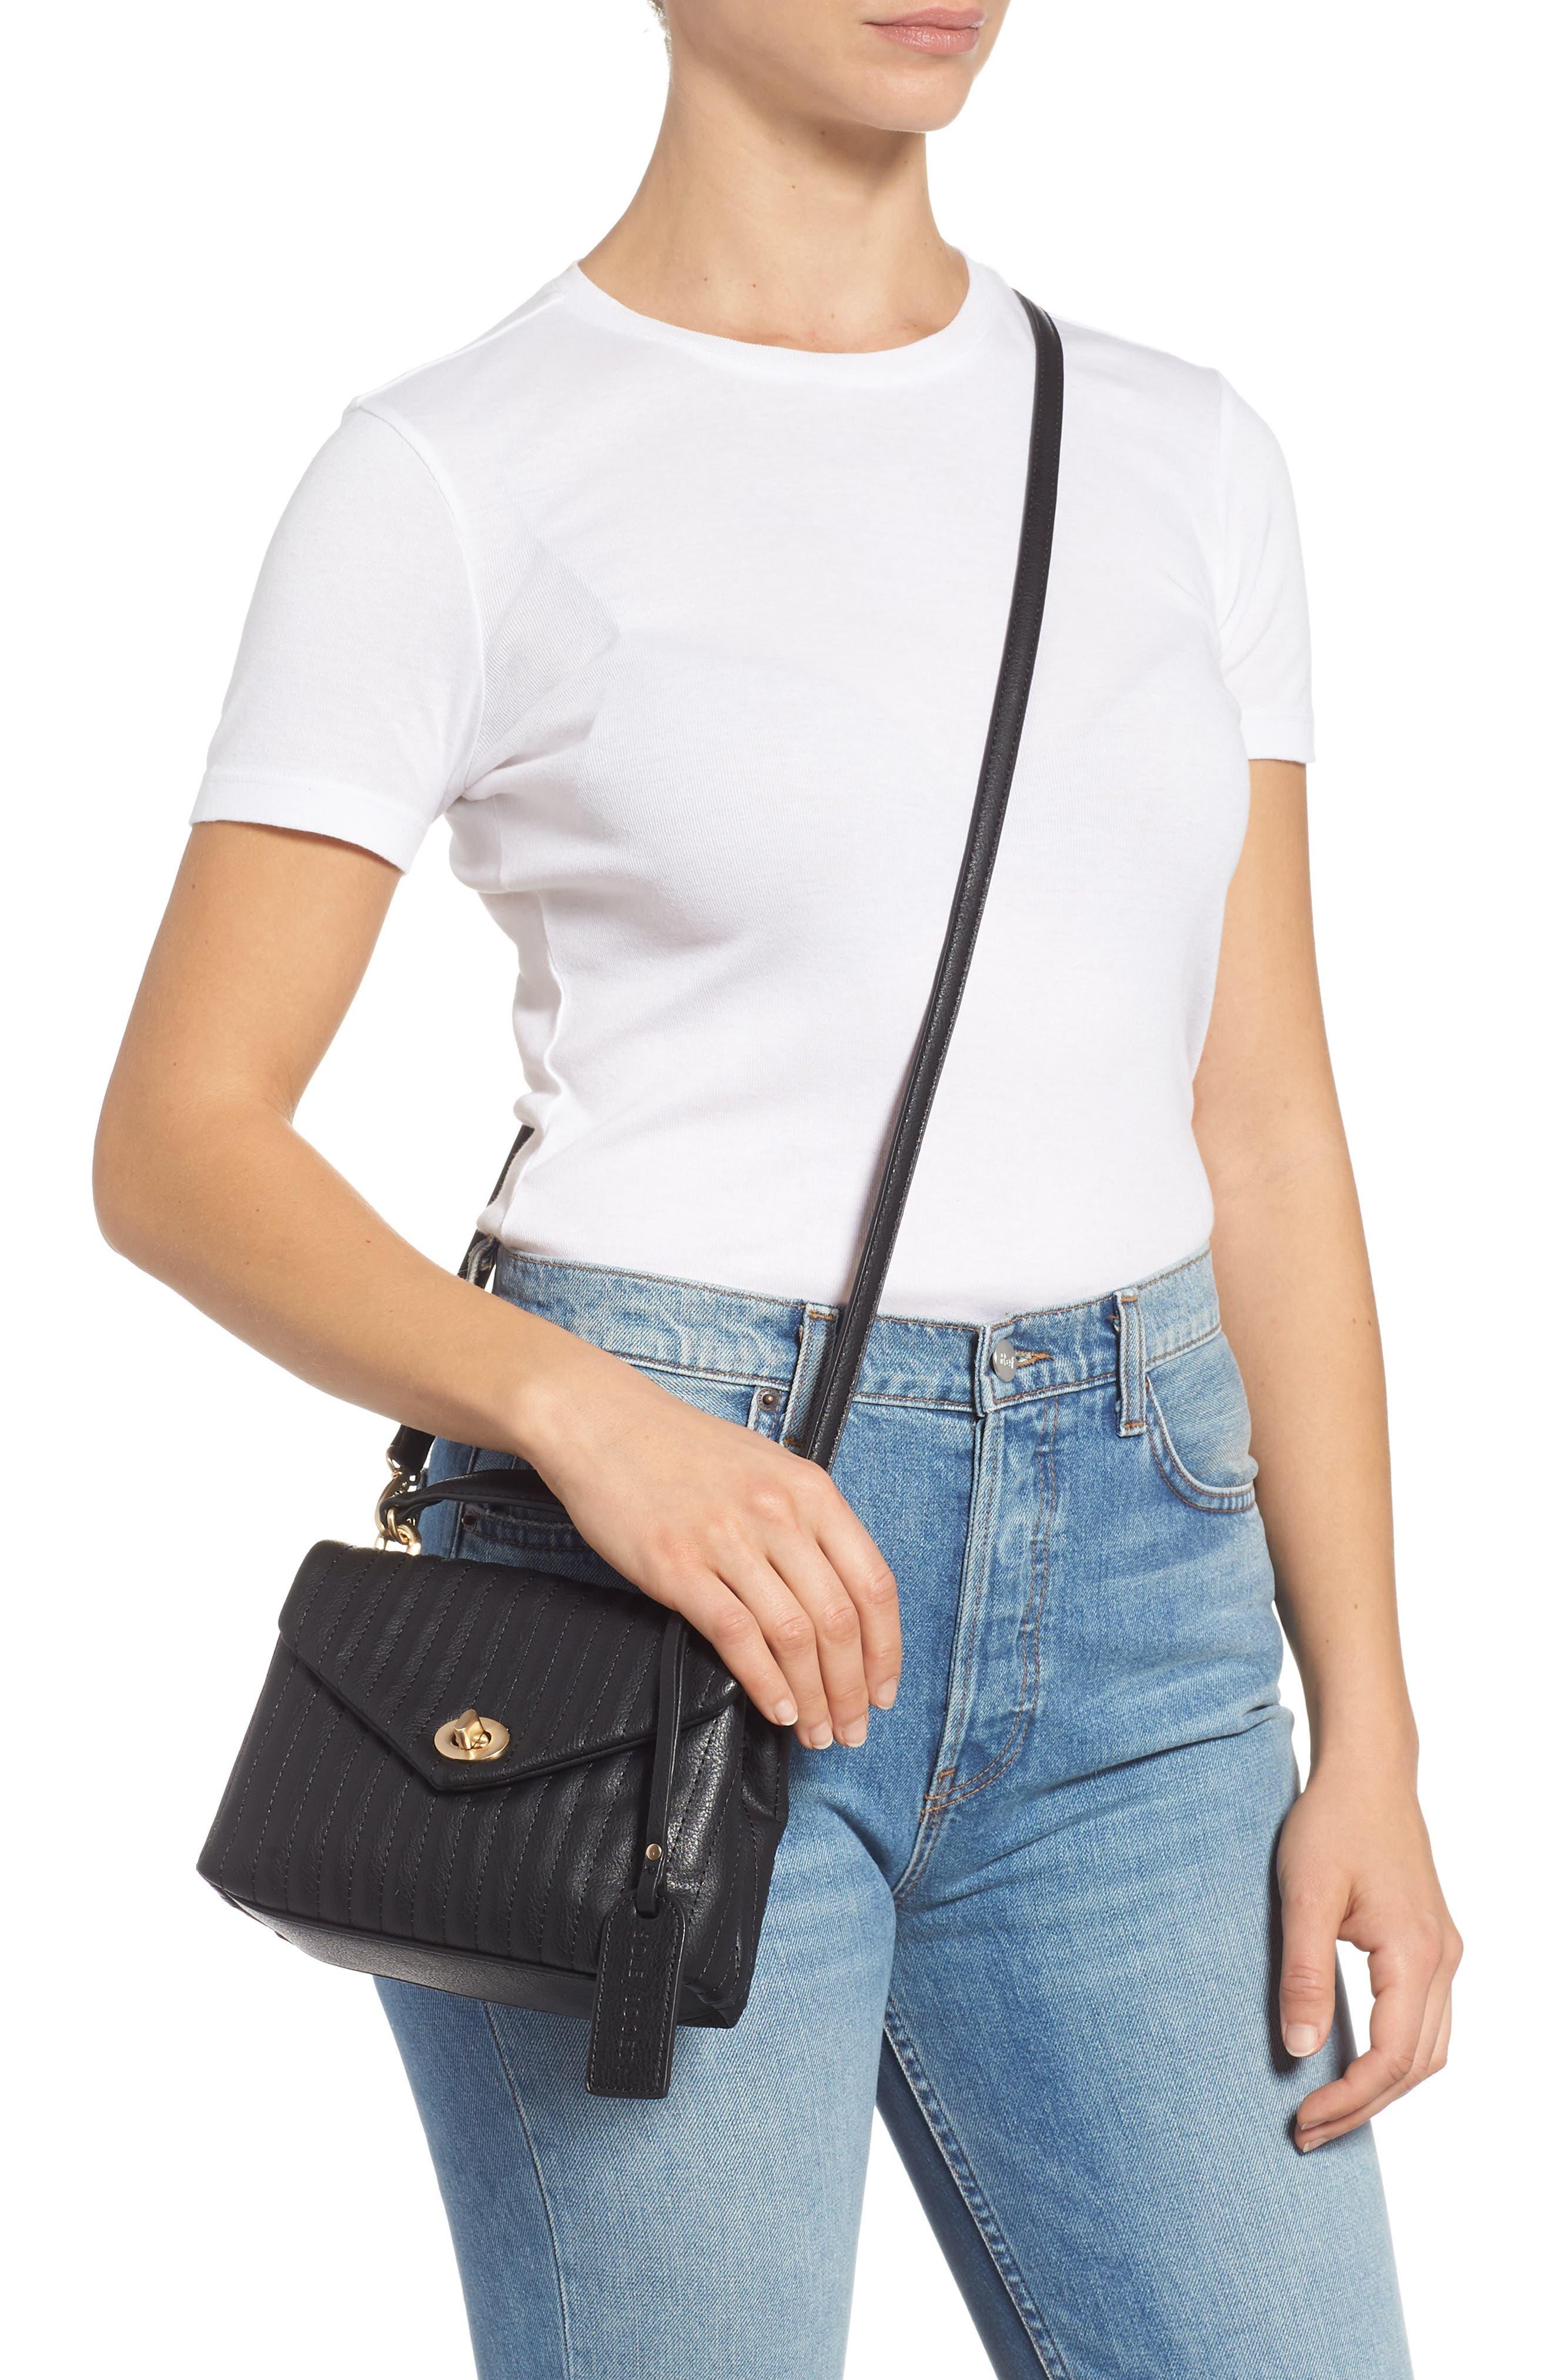 Urche Faux Leather Crossbody Bag,                             Alternate thumbnail 2, color,                             BLACK